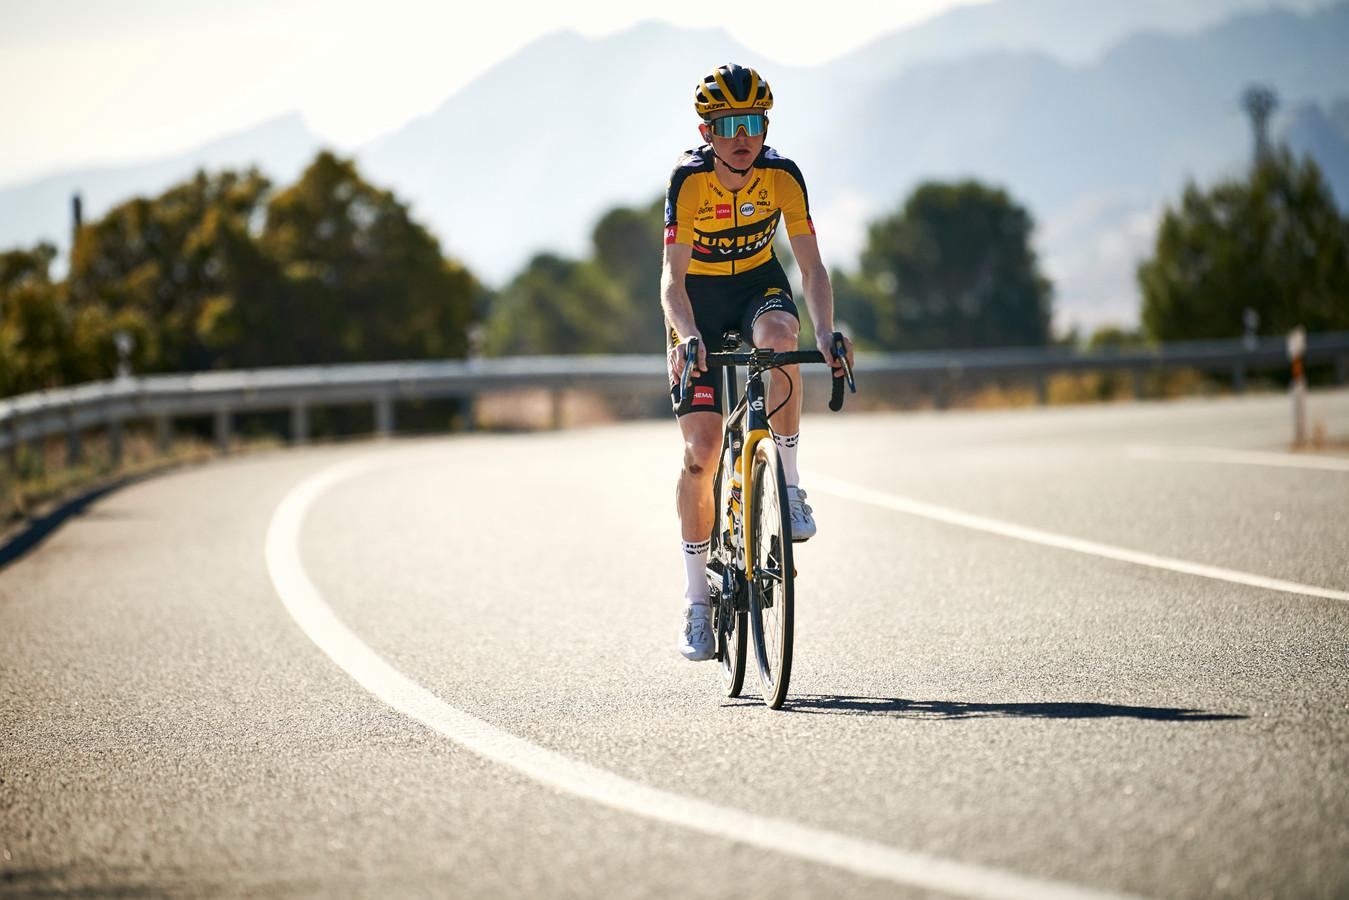 Wielrenner Antwan Tolhoek staat aan de start van de Clasica San Sebastián.